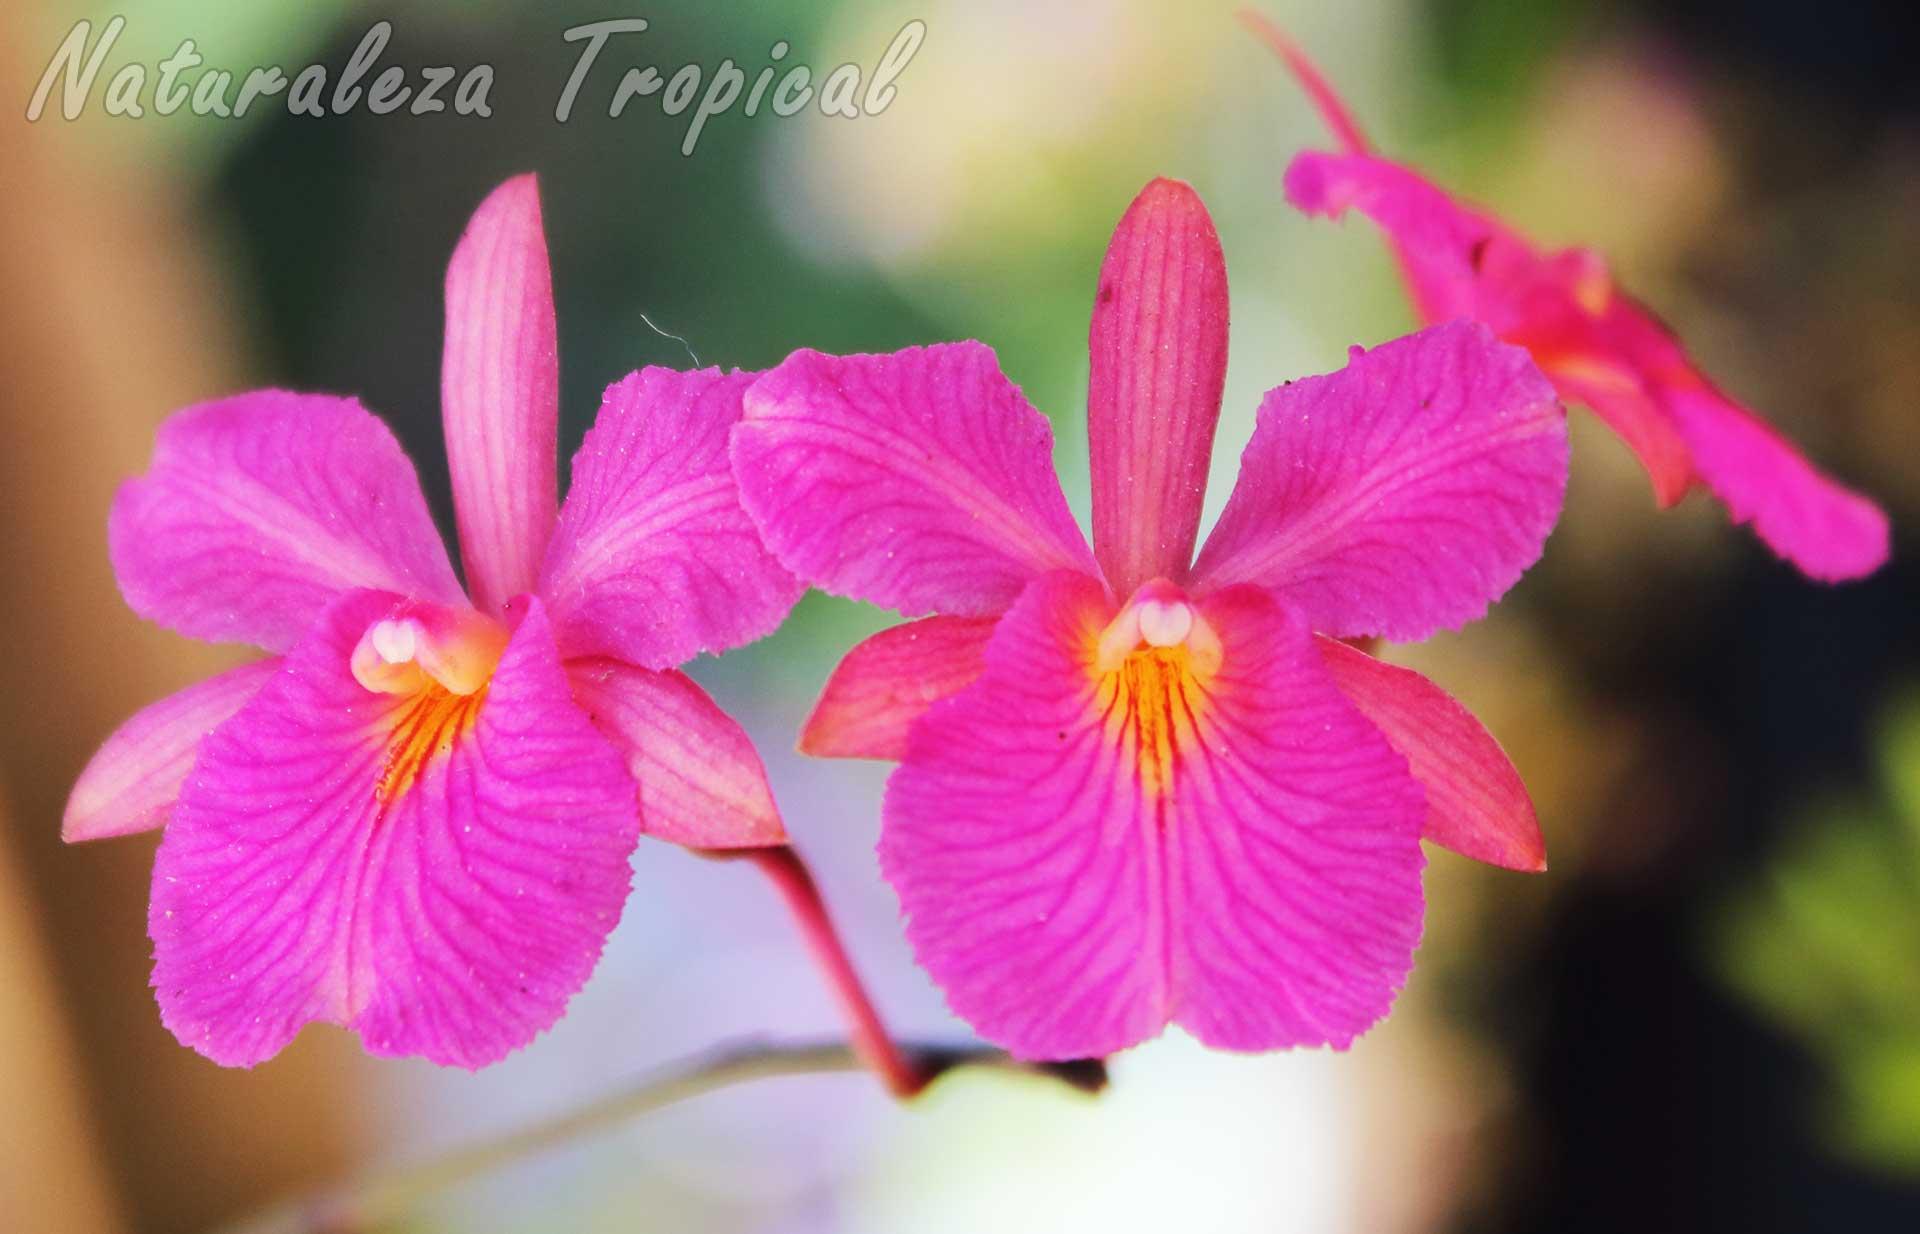 Otra imagen de las flores de la orquídea Broughtonia sanguinea